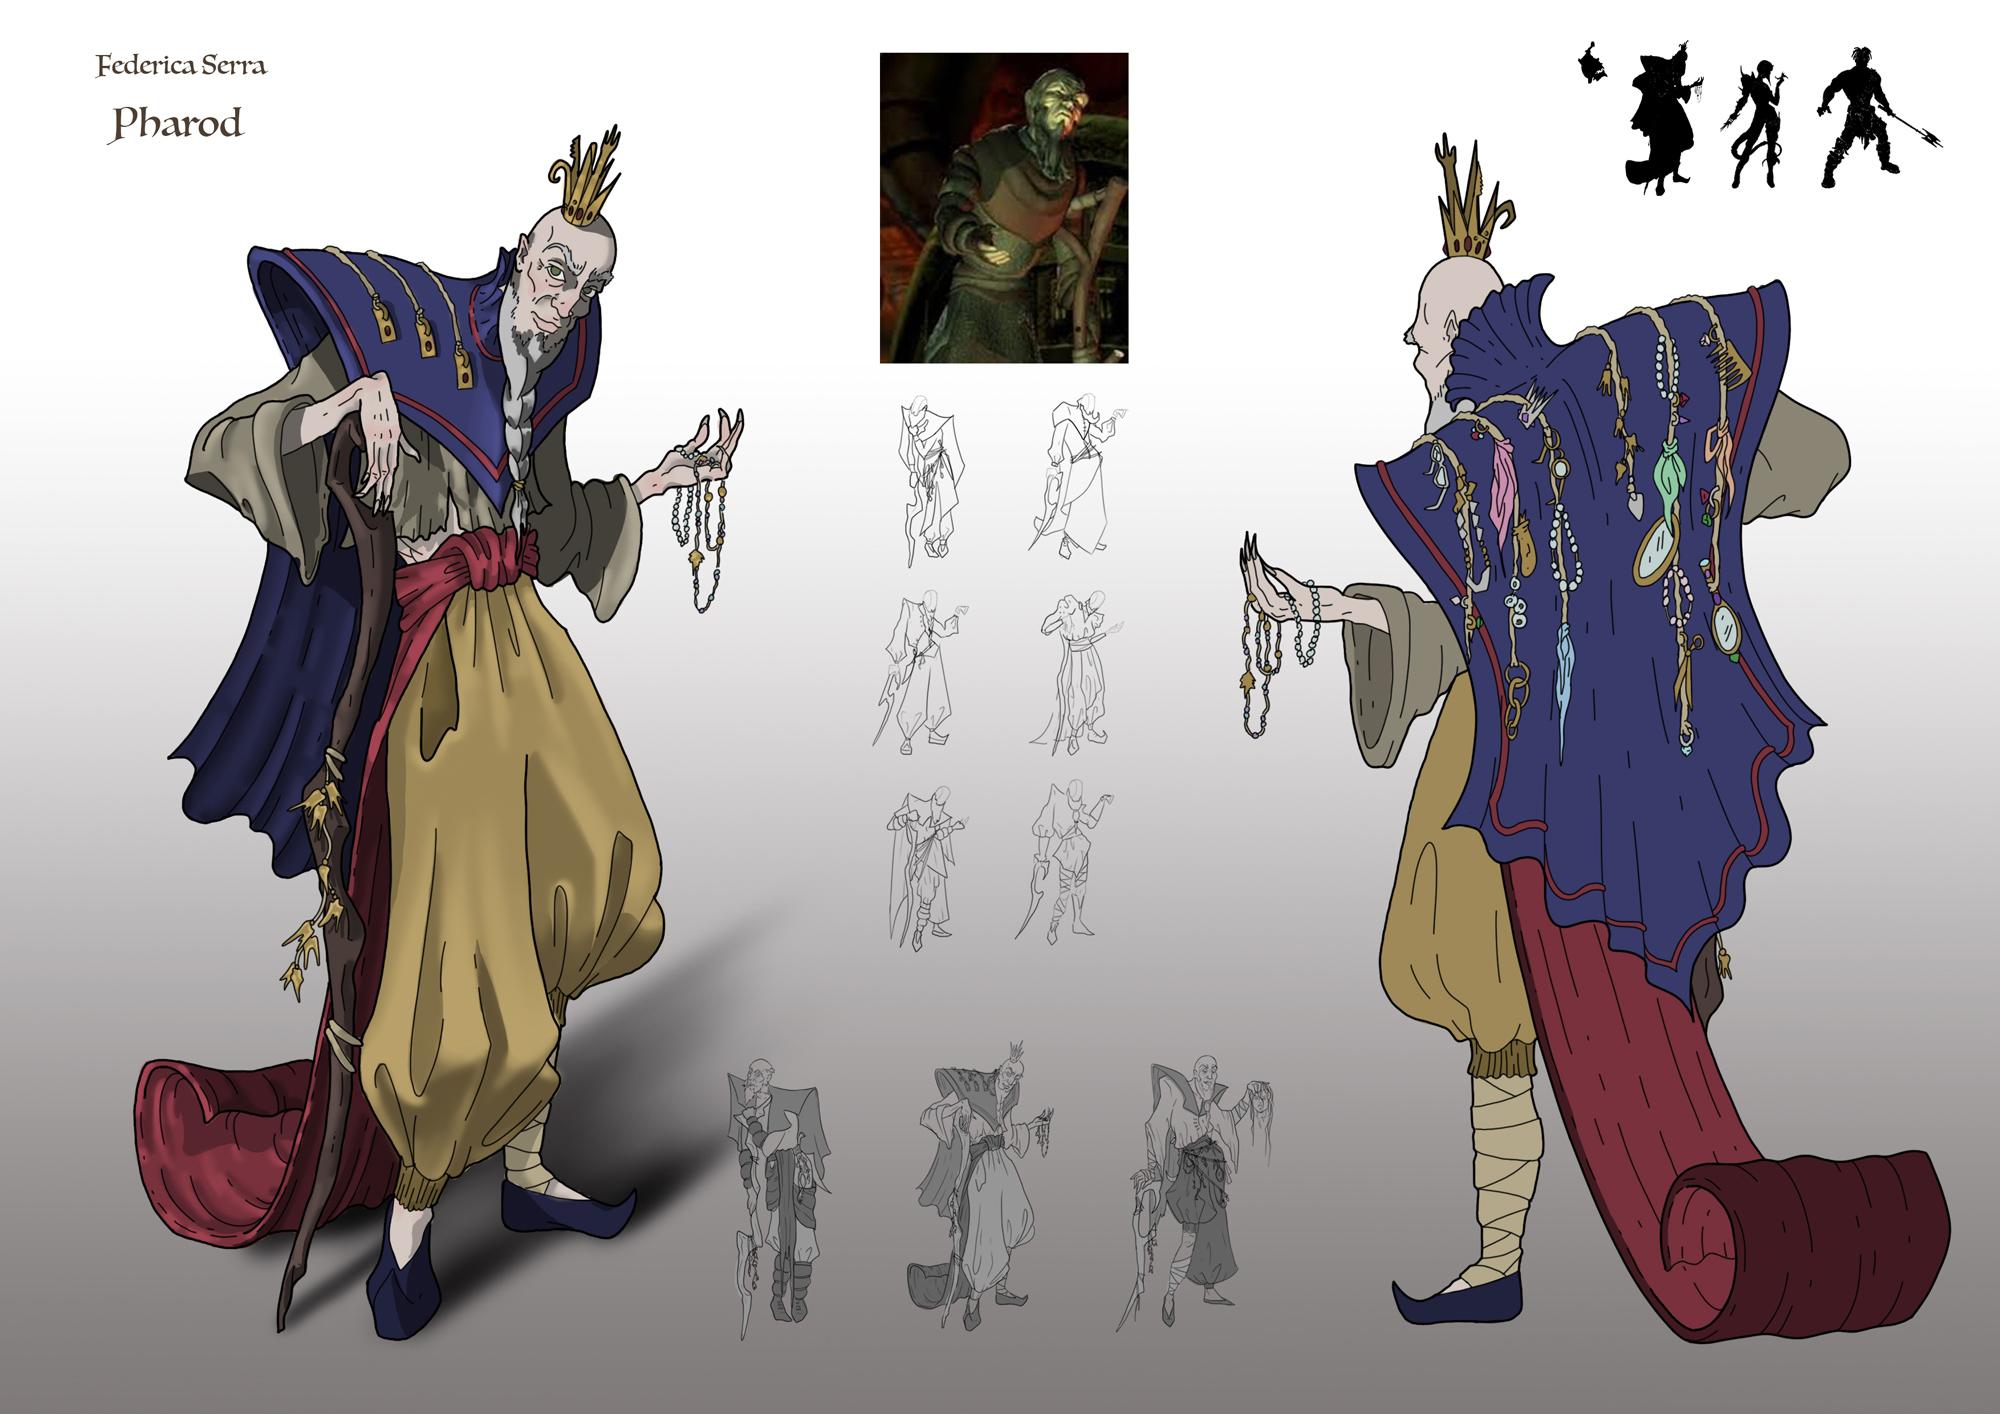 {$tags} Concept study personaggio, Pharod - by Federica Serra Planescape Torment Redesign Project (2020) © Scuola Internazionale di Comics Torino e dell'autore, tutti i diritti riservati